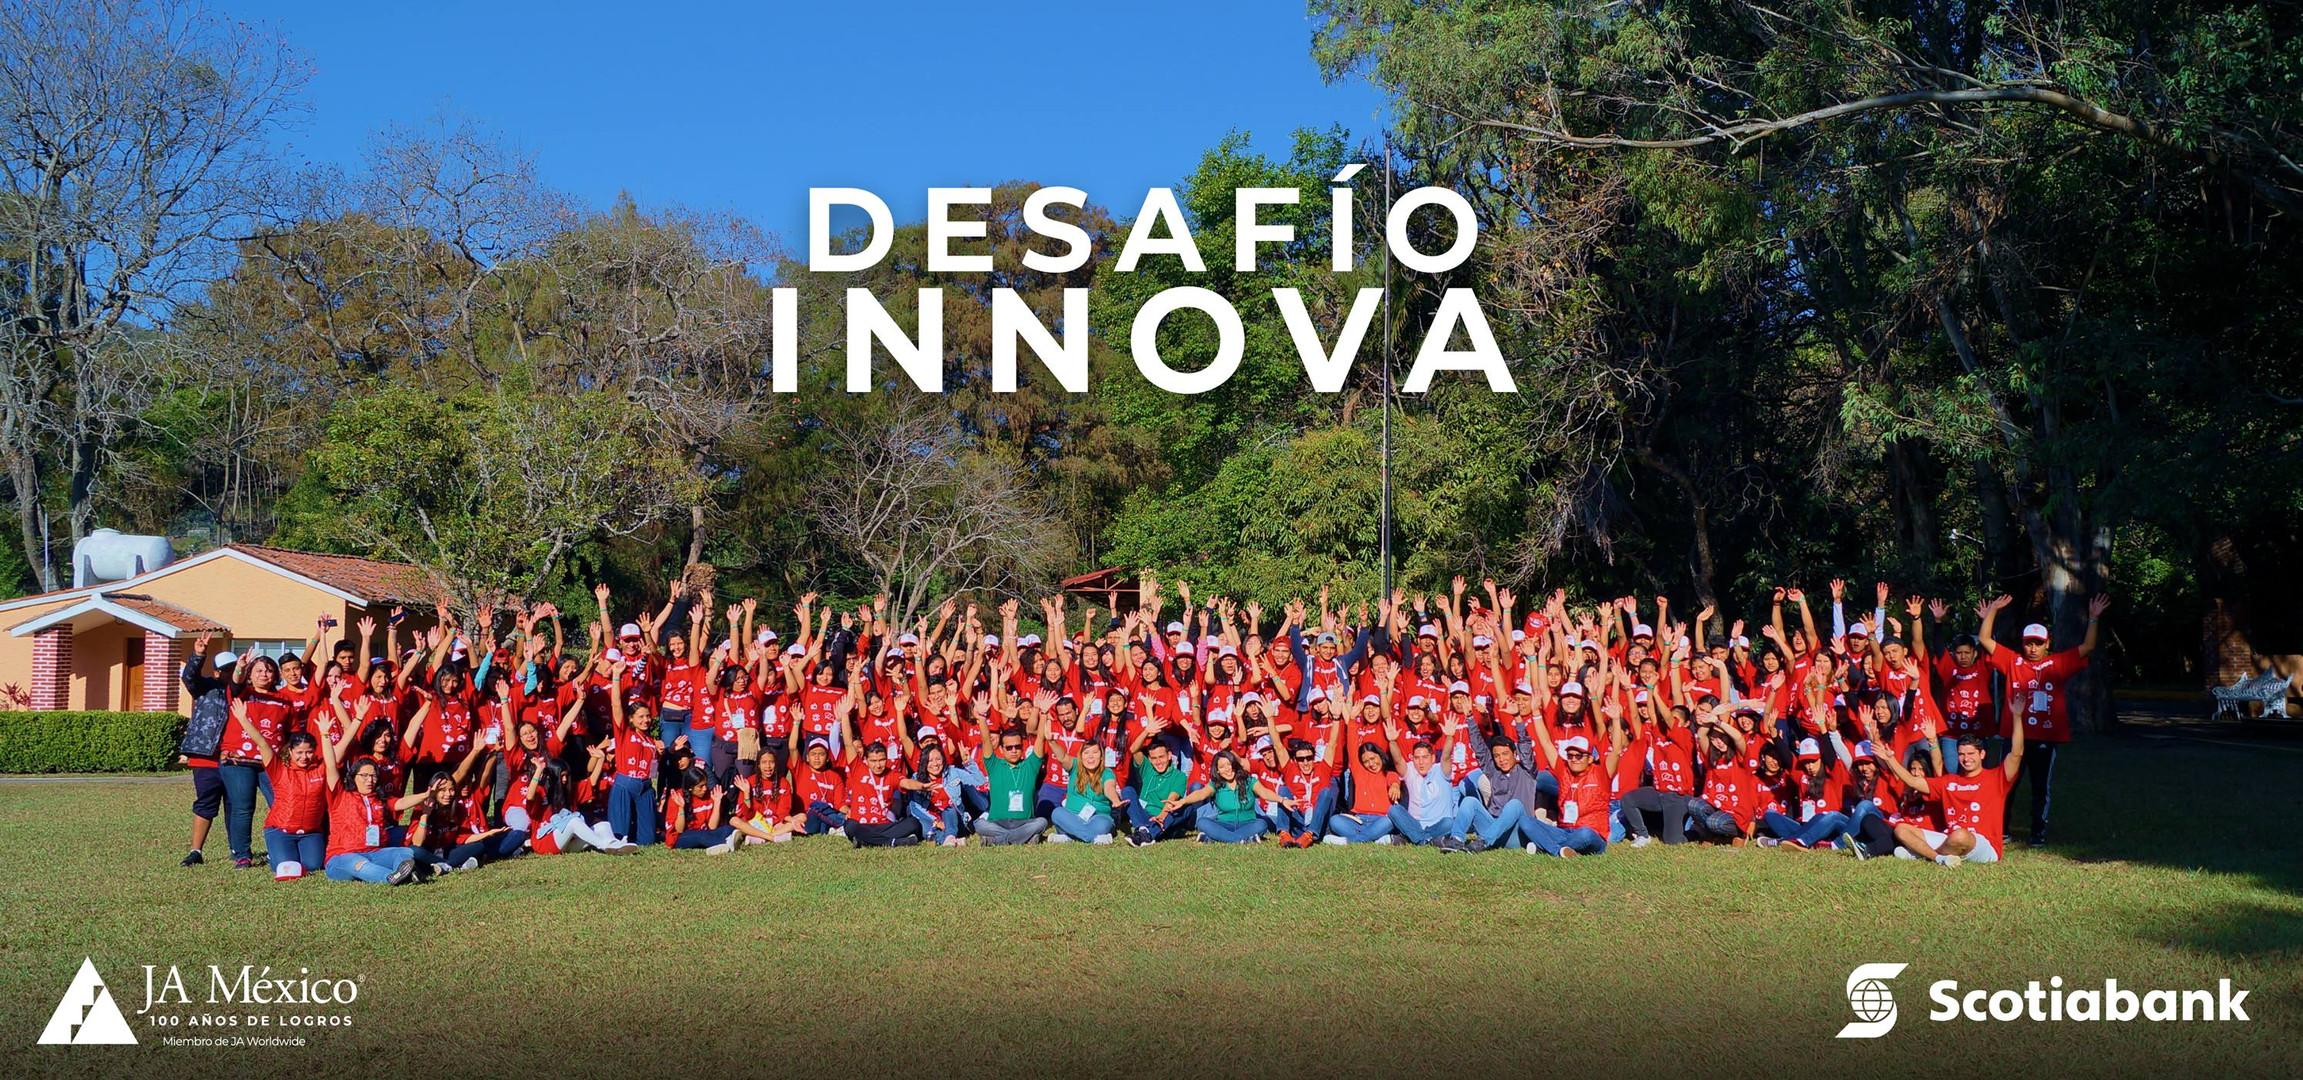 Foto Grupal Desafío Innova.jpg